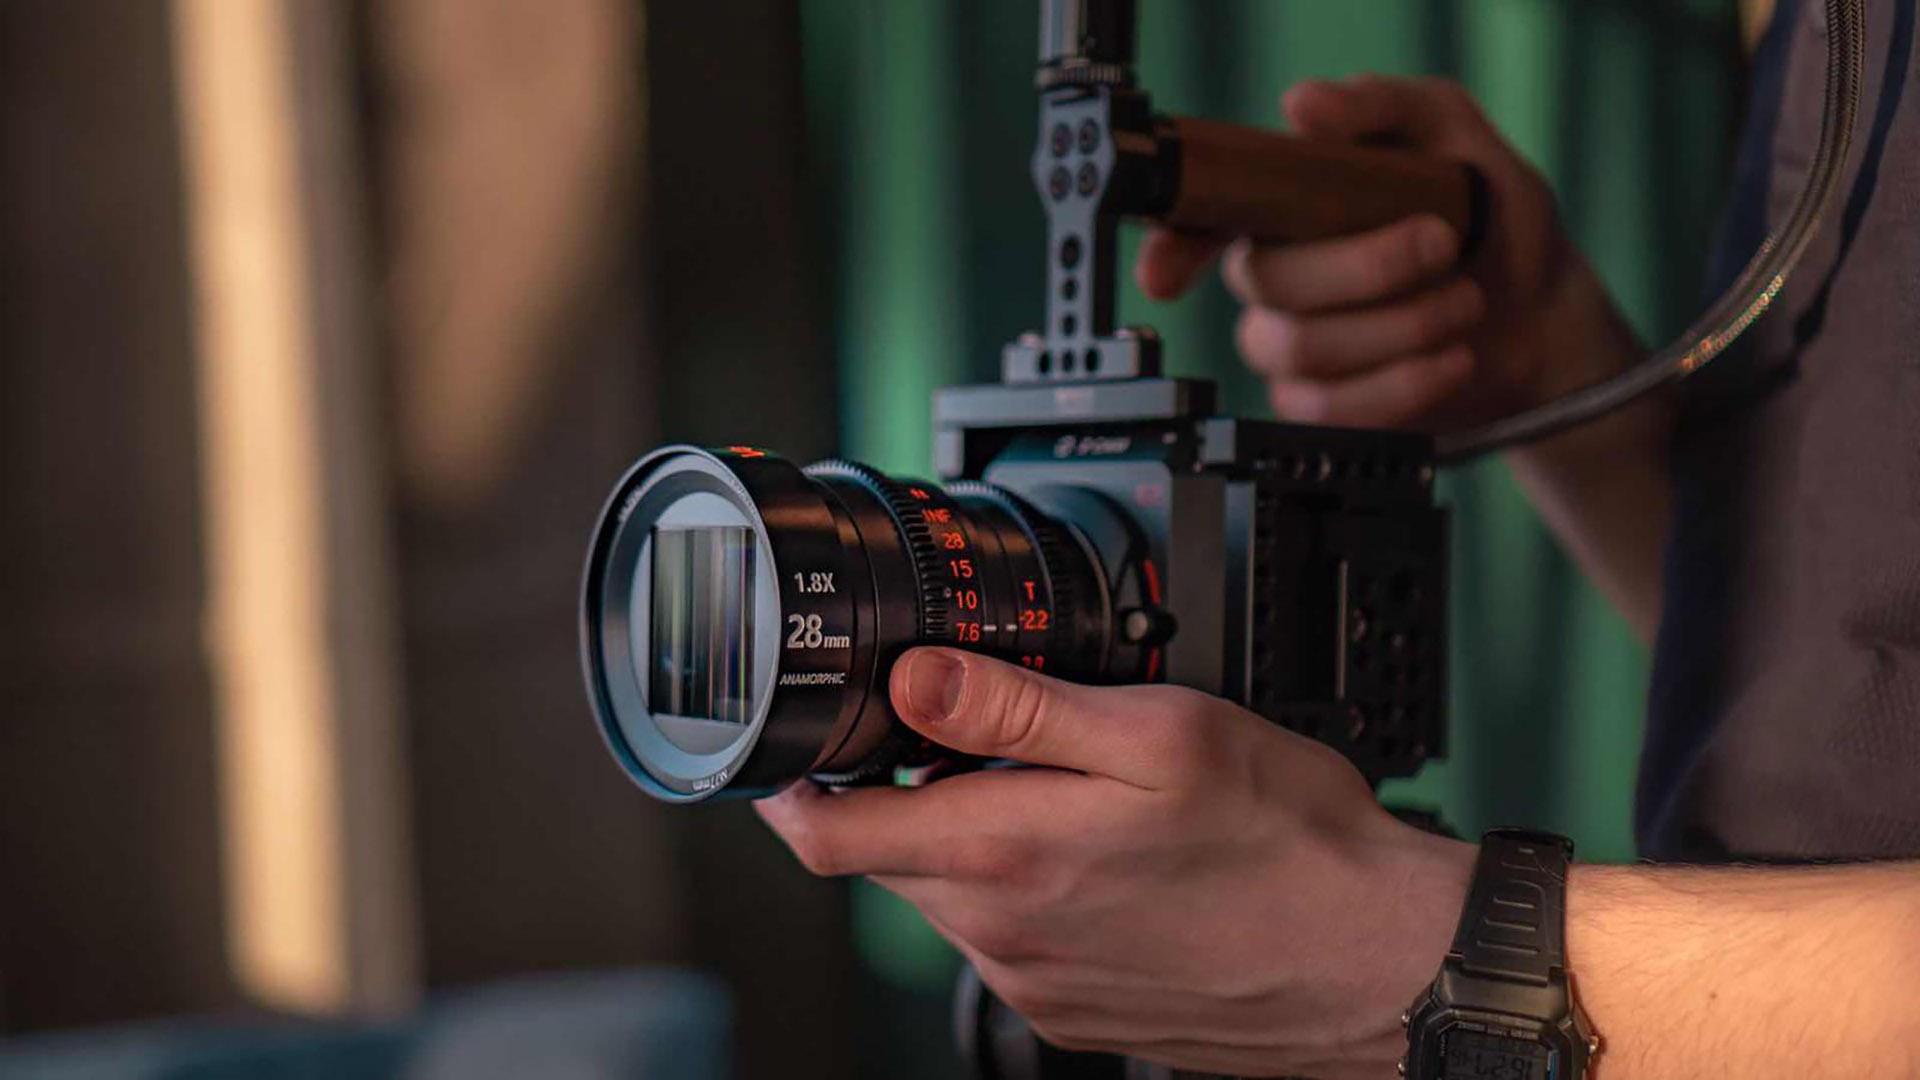 Lanzan el lente anamórfico Vazen 28 mm T2.2 1.8x